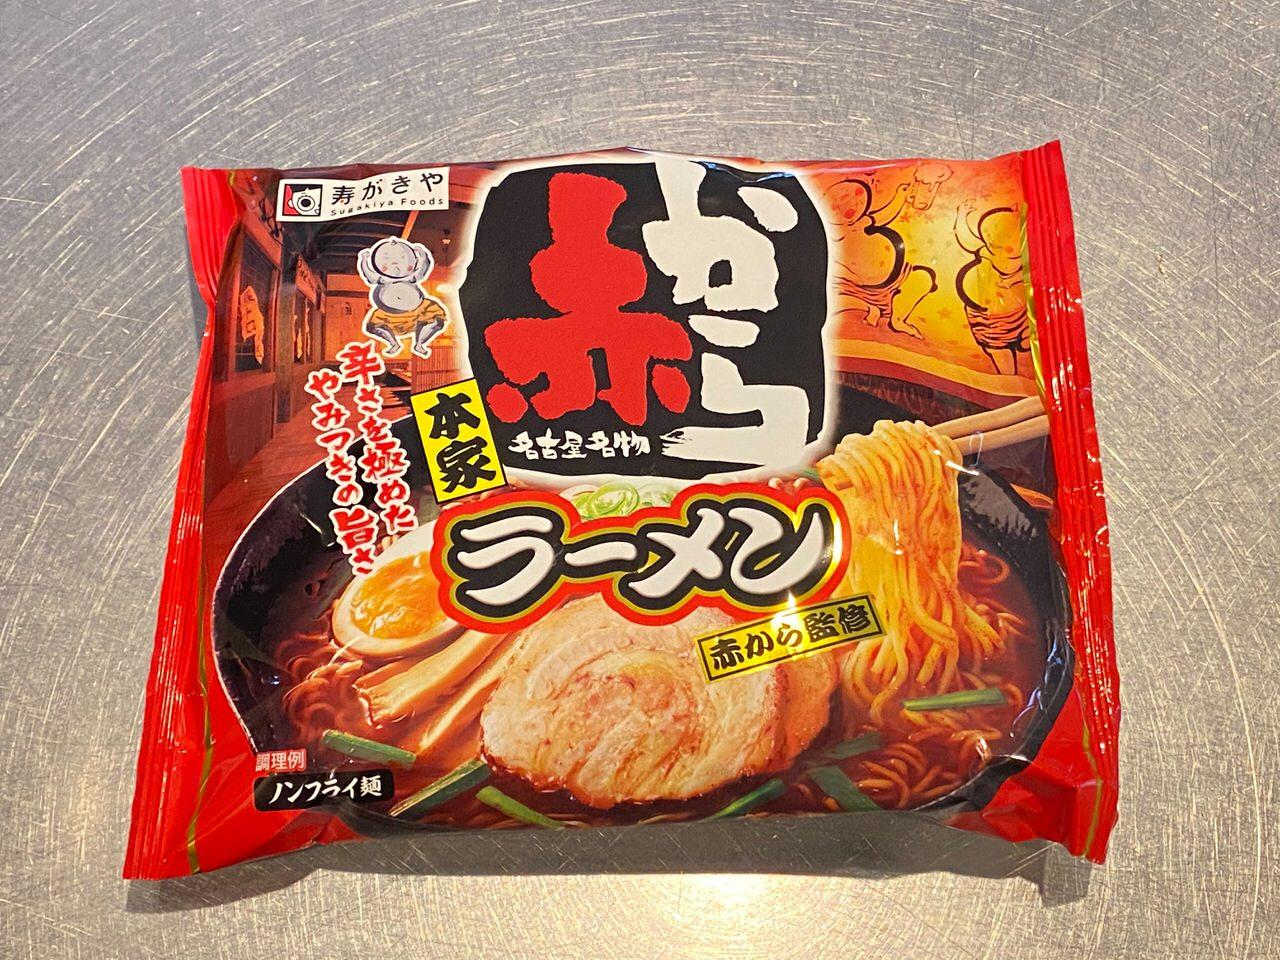 ローソンストア100で購入した寿がきやの袋麺「赤からラーメン」がこれまた絶妙に美味い 2